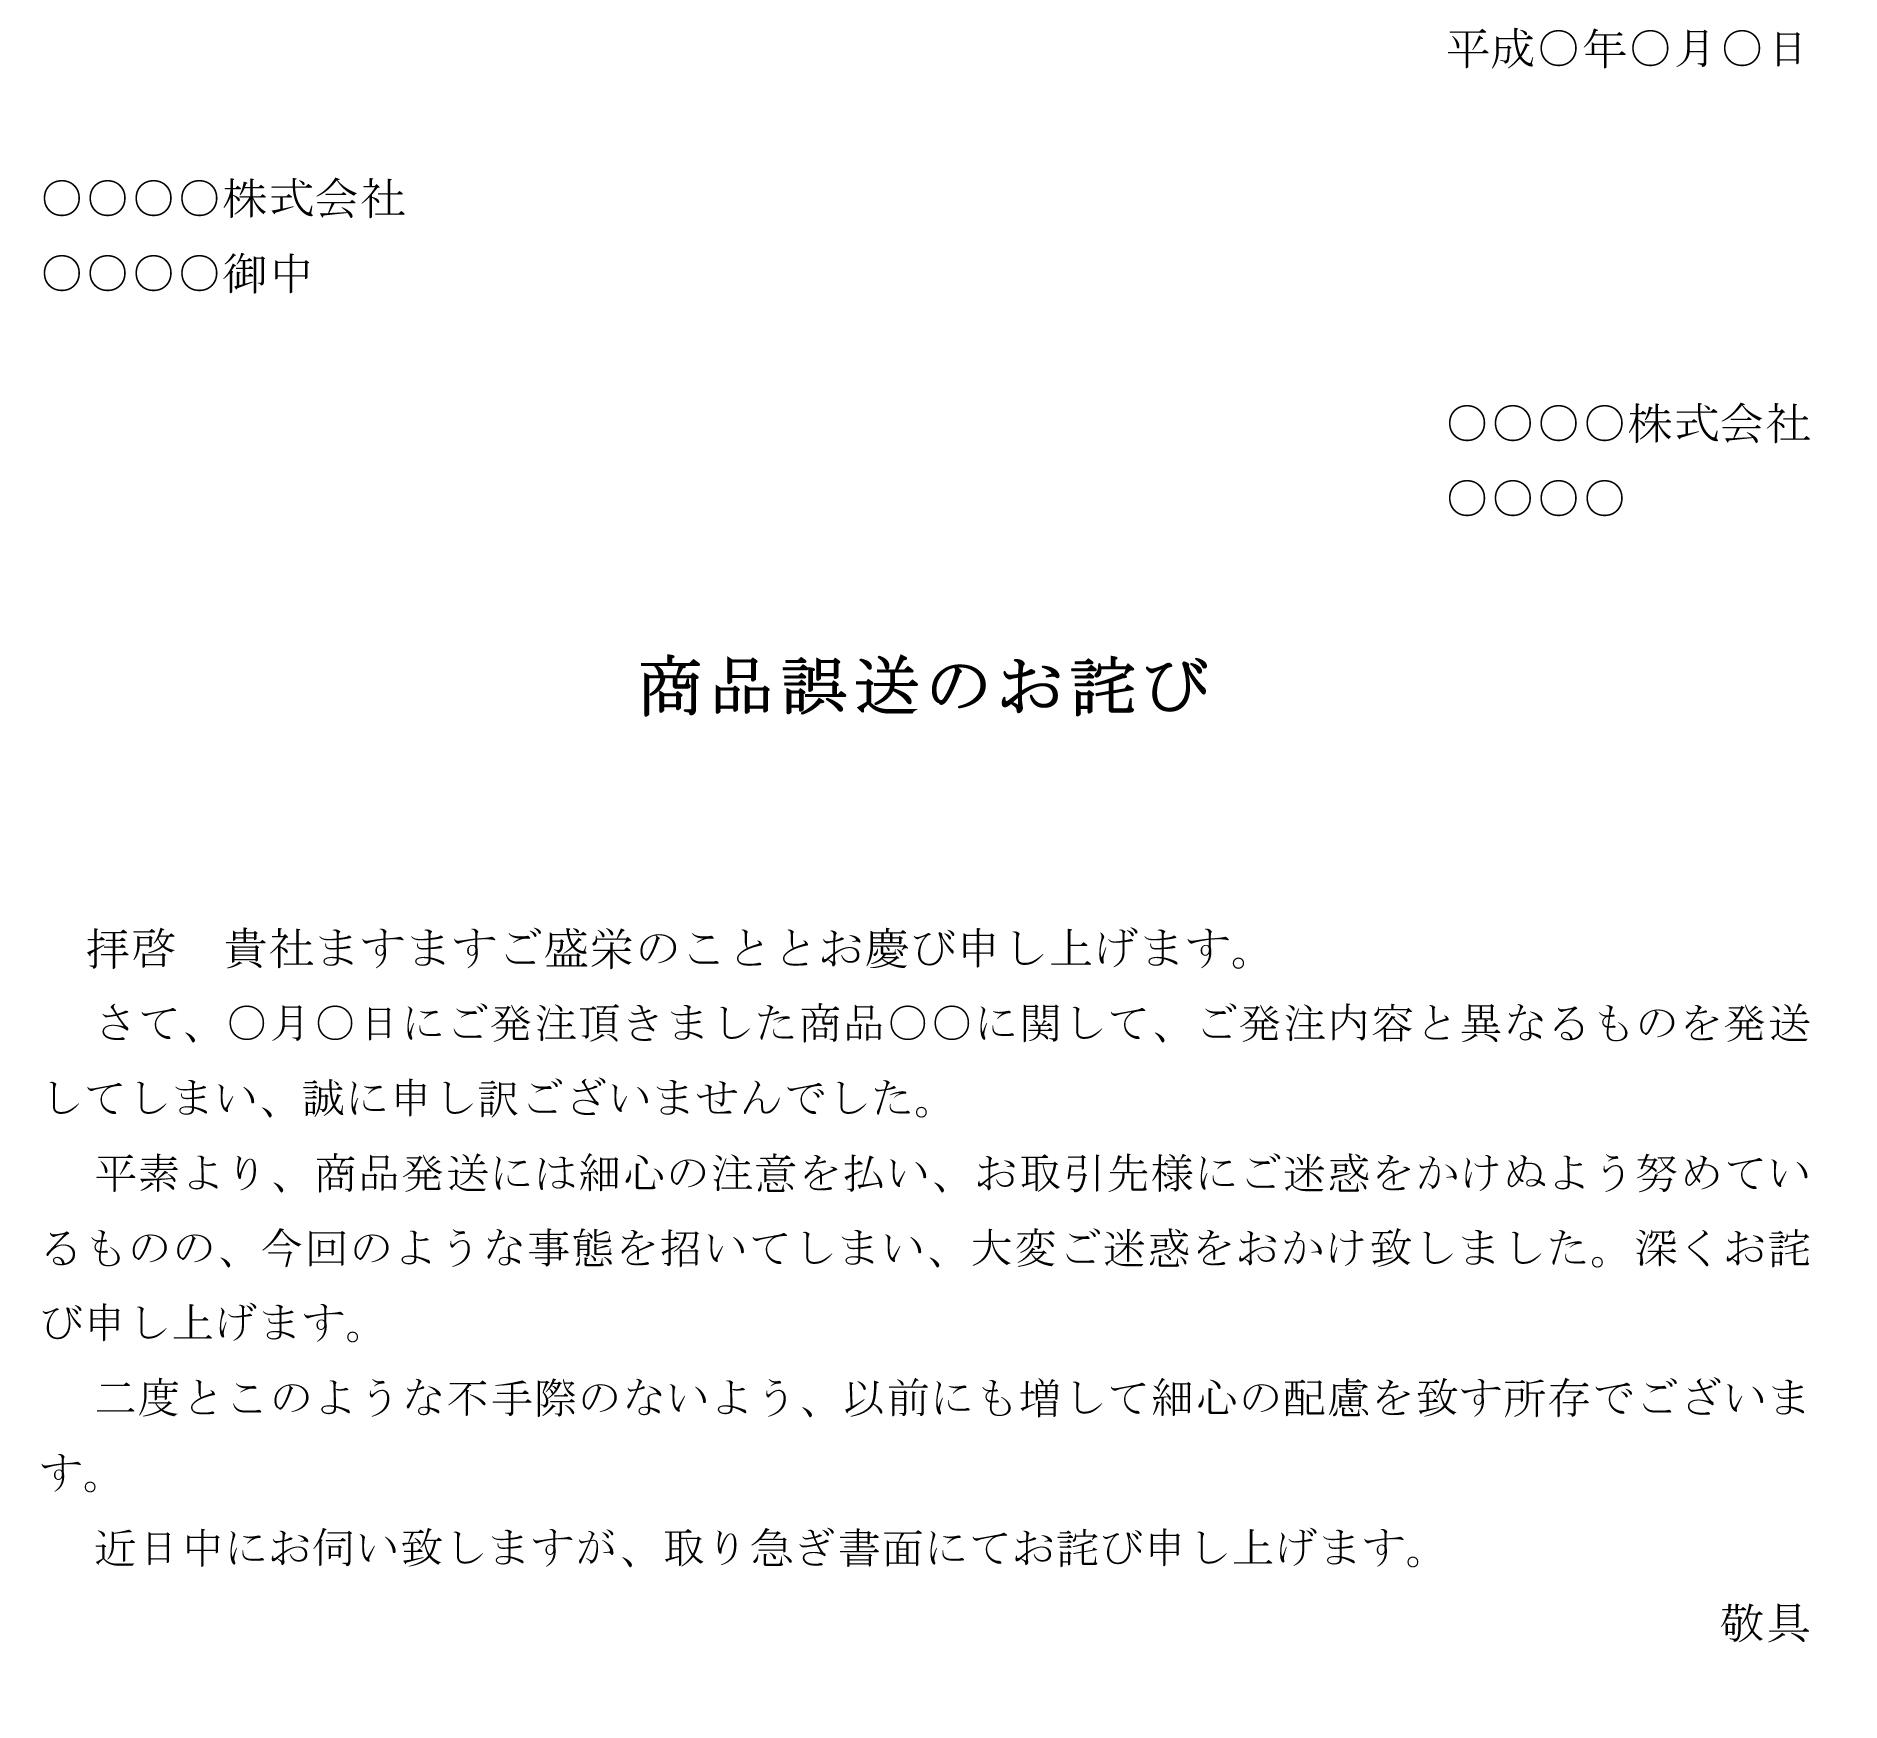 お詫び状(商品誤送)